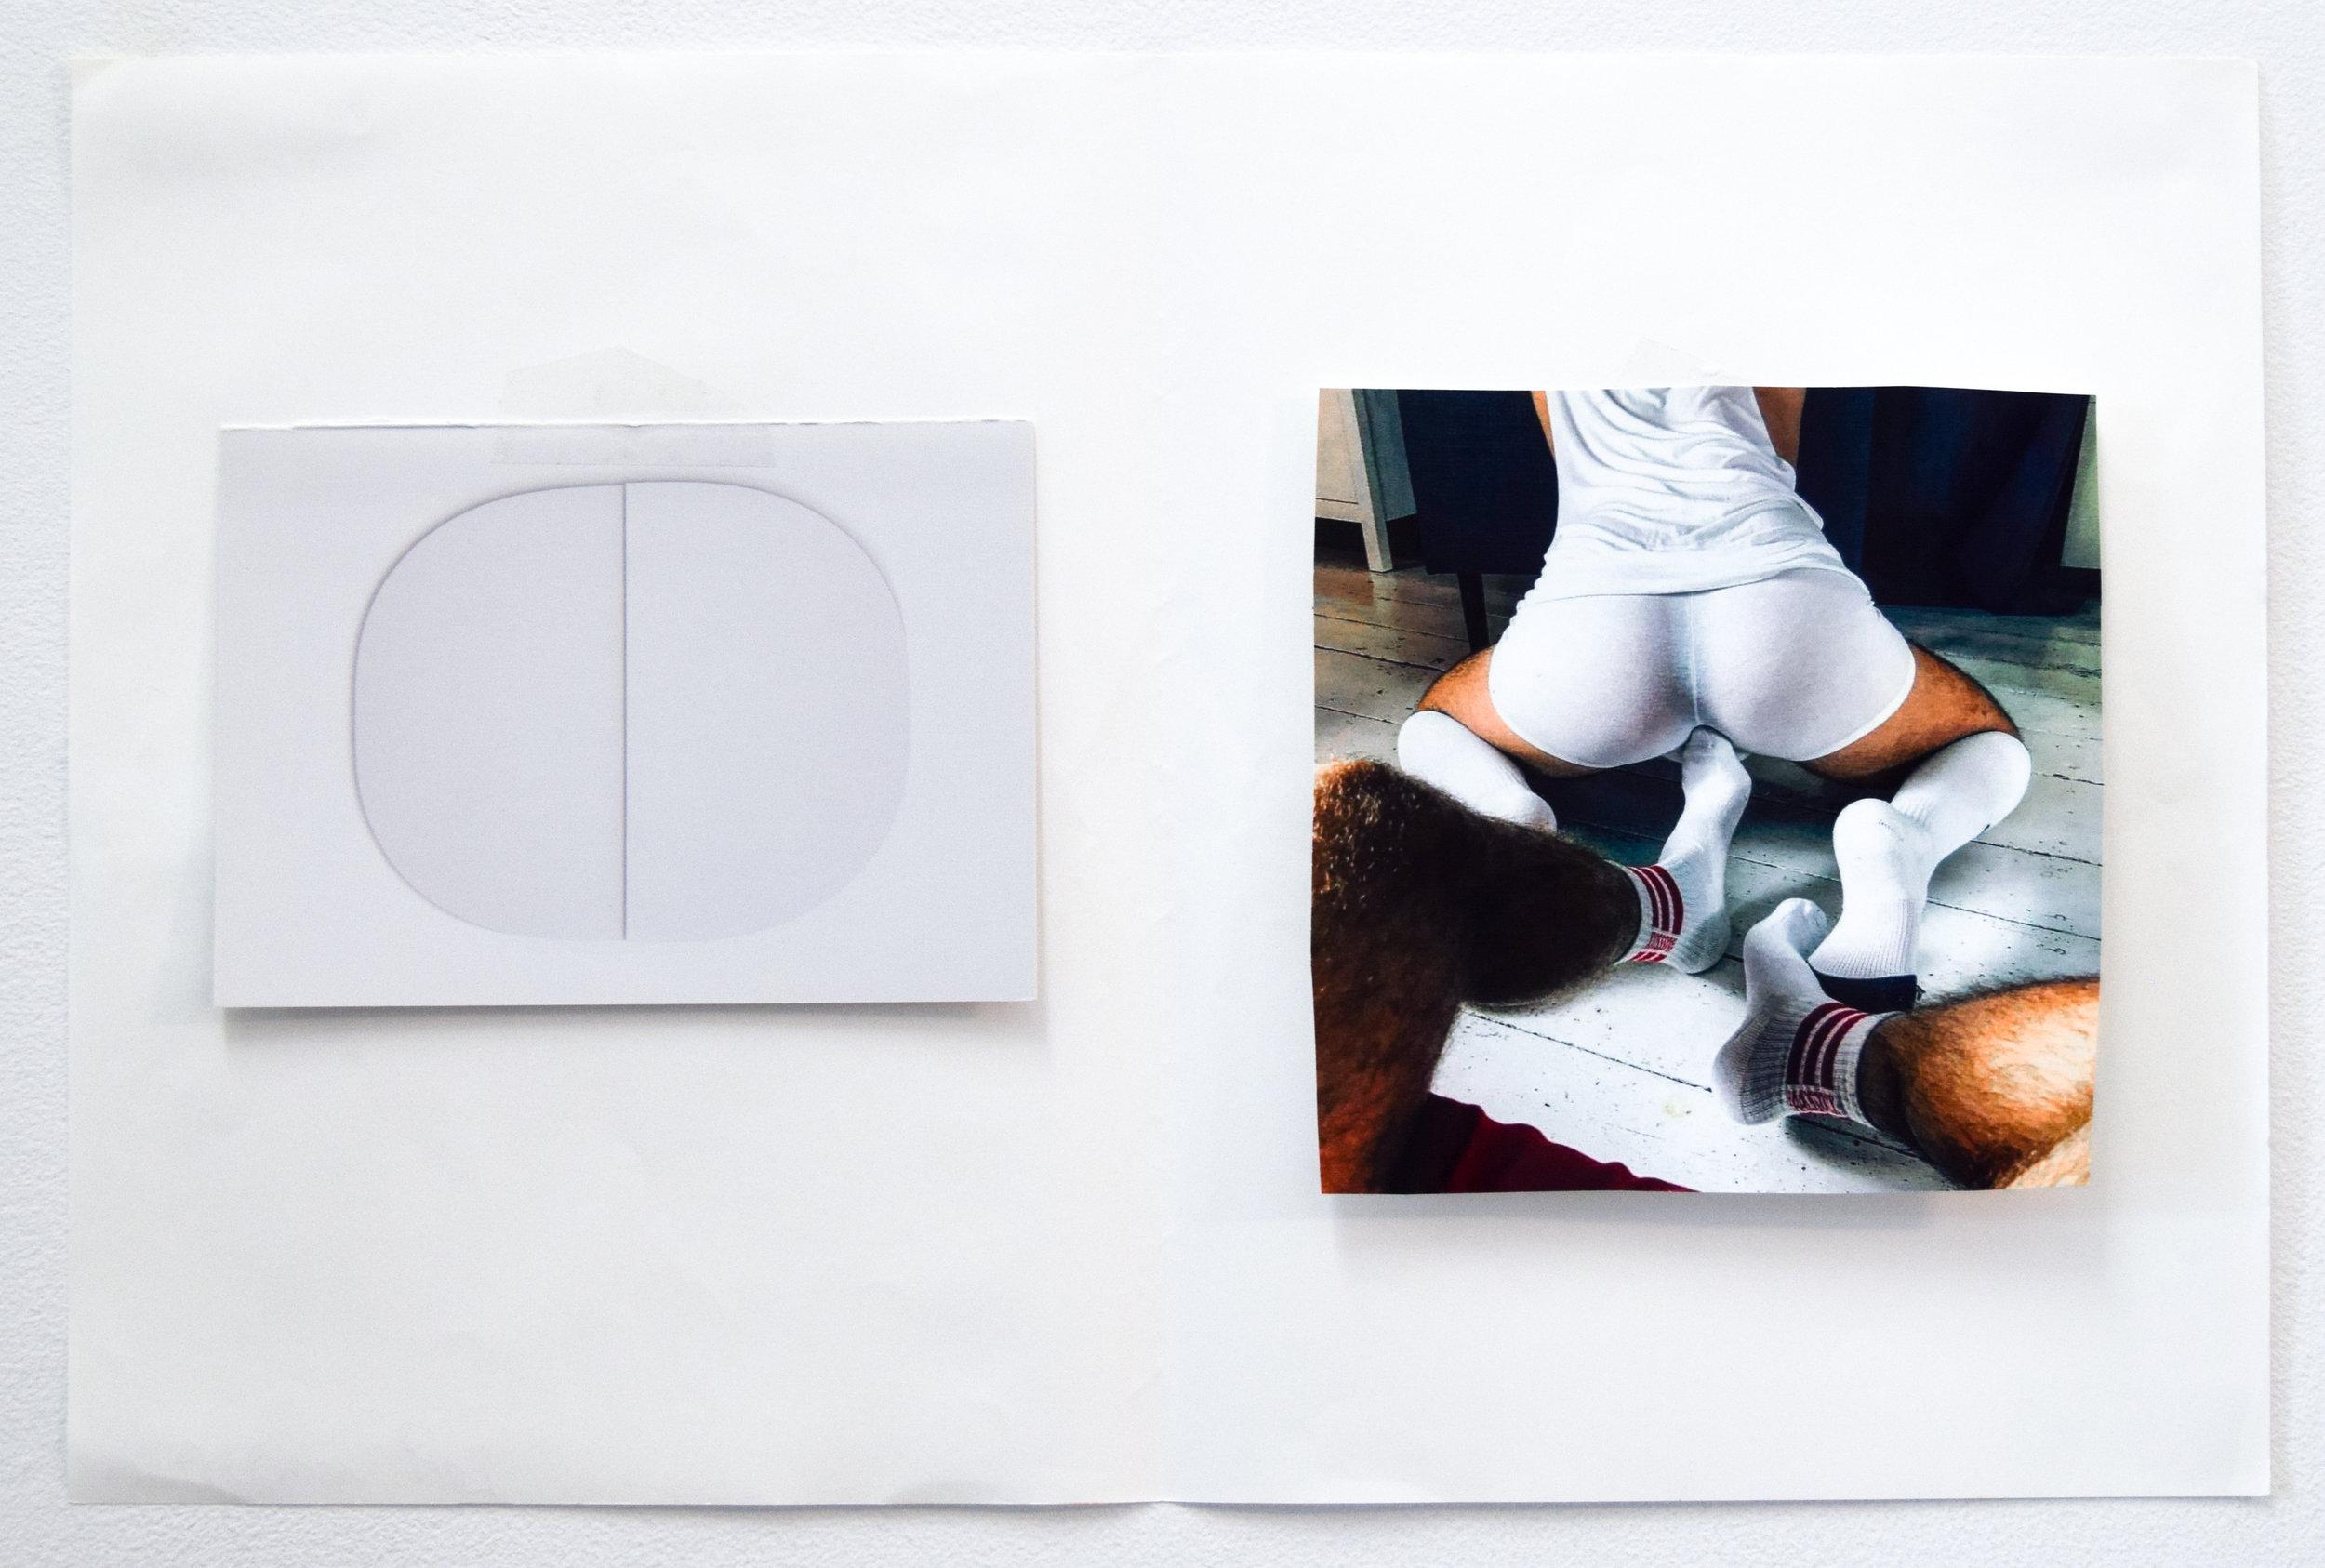 Comparison 84,  Al Freeman, 12.5 x 19 inches, 31.8 x 48.3 centimeters